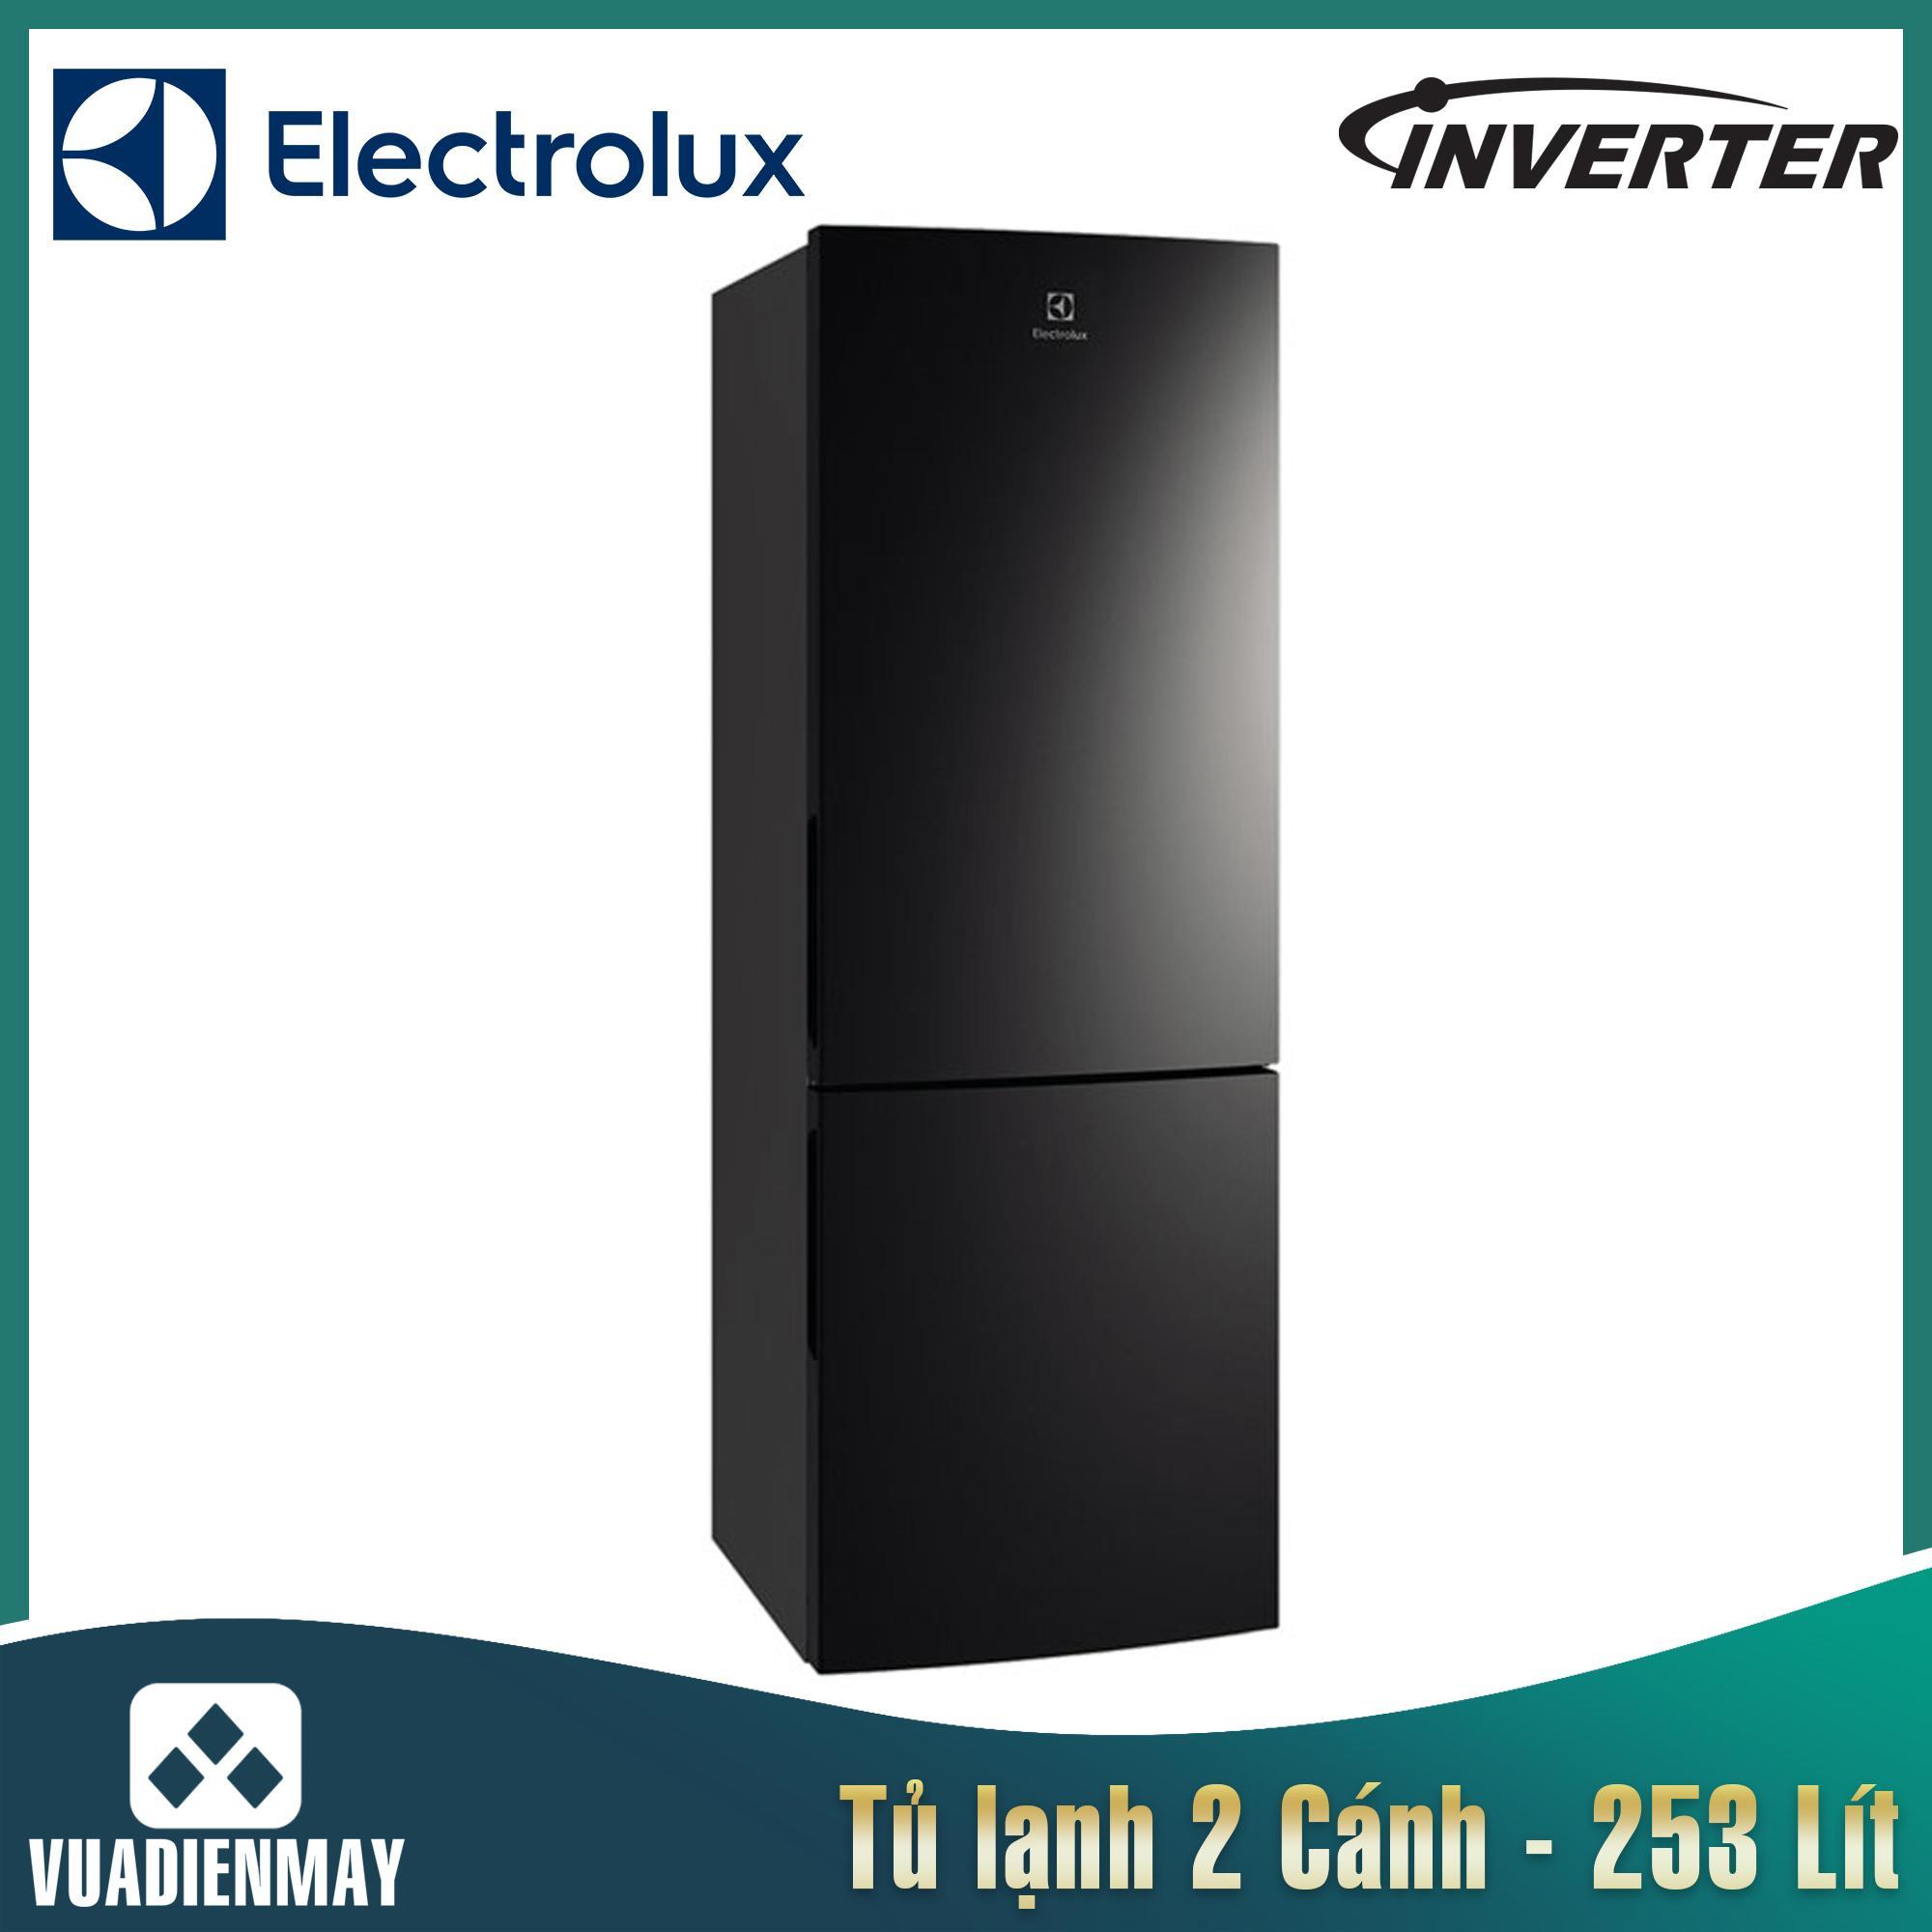 Tủ lạnh Electrolux Inverter 253L màu đen